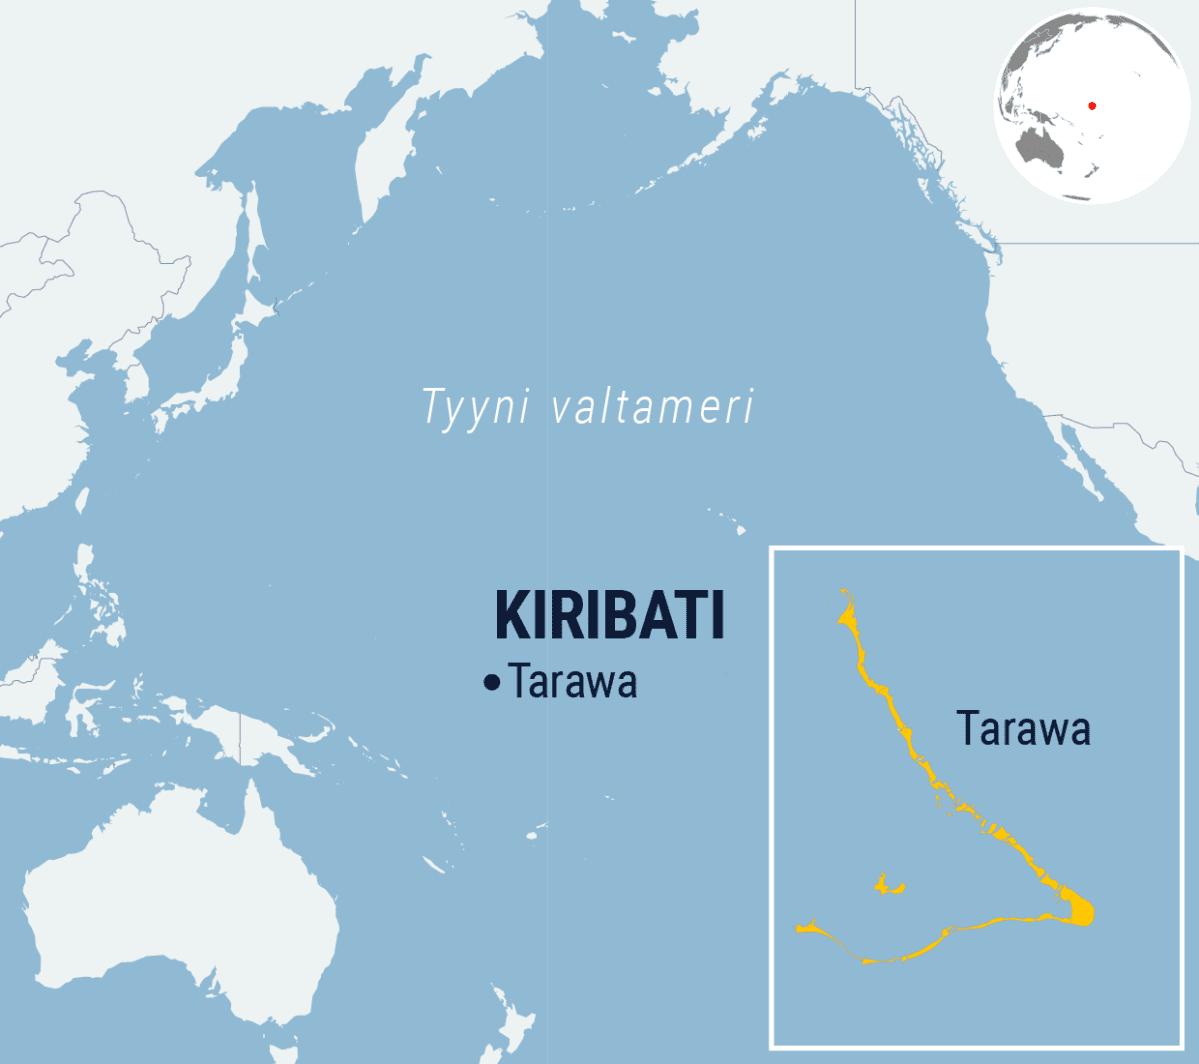 Kiribati ja sen pääatolli Tarawa.